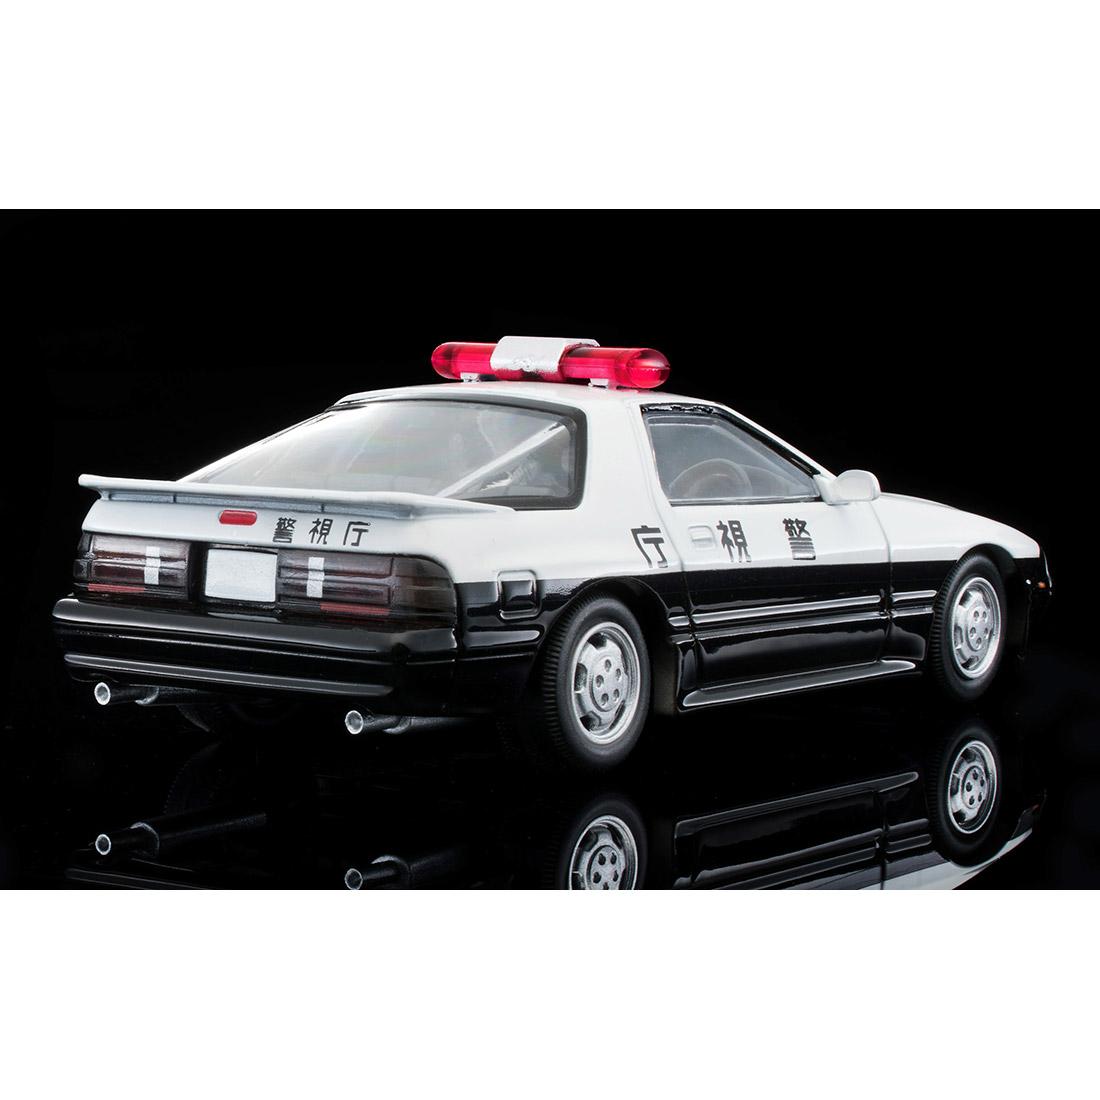 トミカリミテッドヴィンテージ ネオ『LV-N214a マツダ サバンナRX-7 パトカー(警視庁)』ミニカー-009